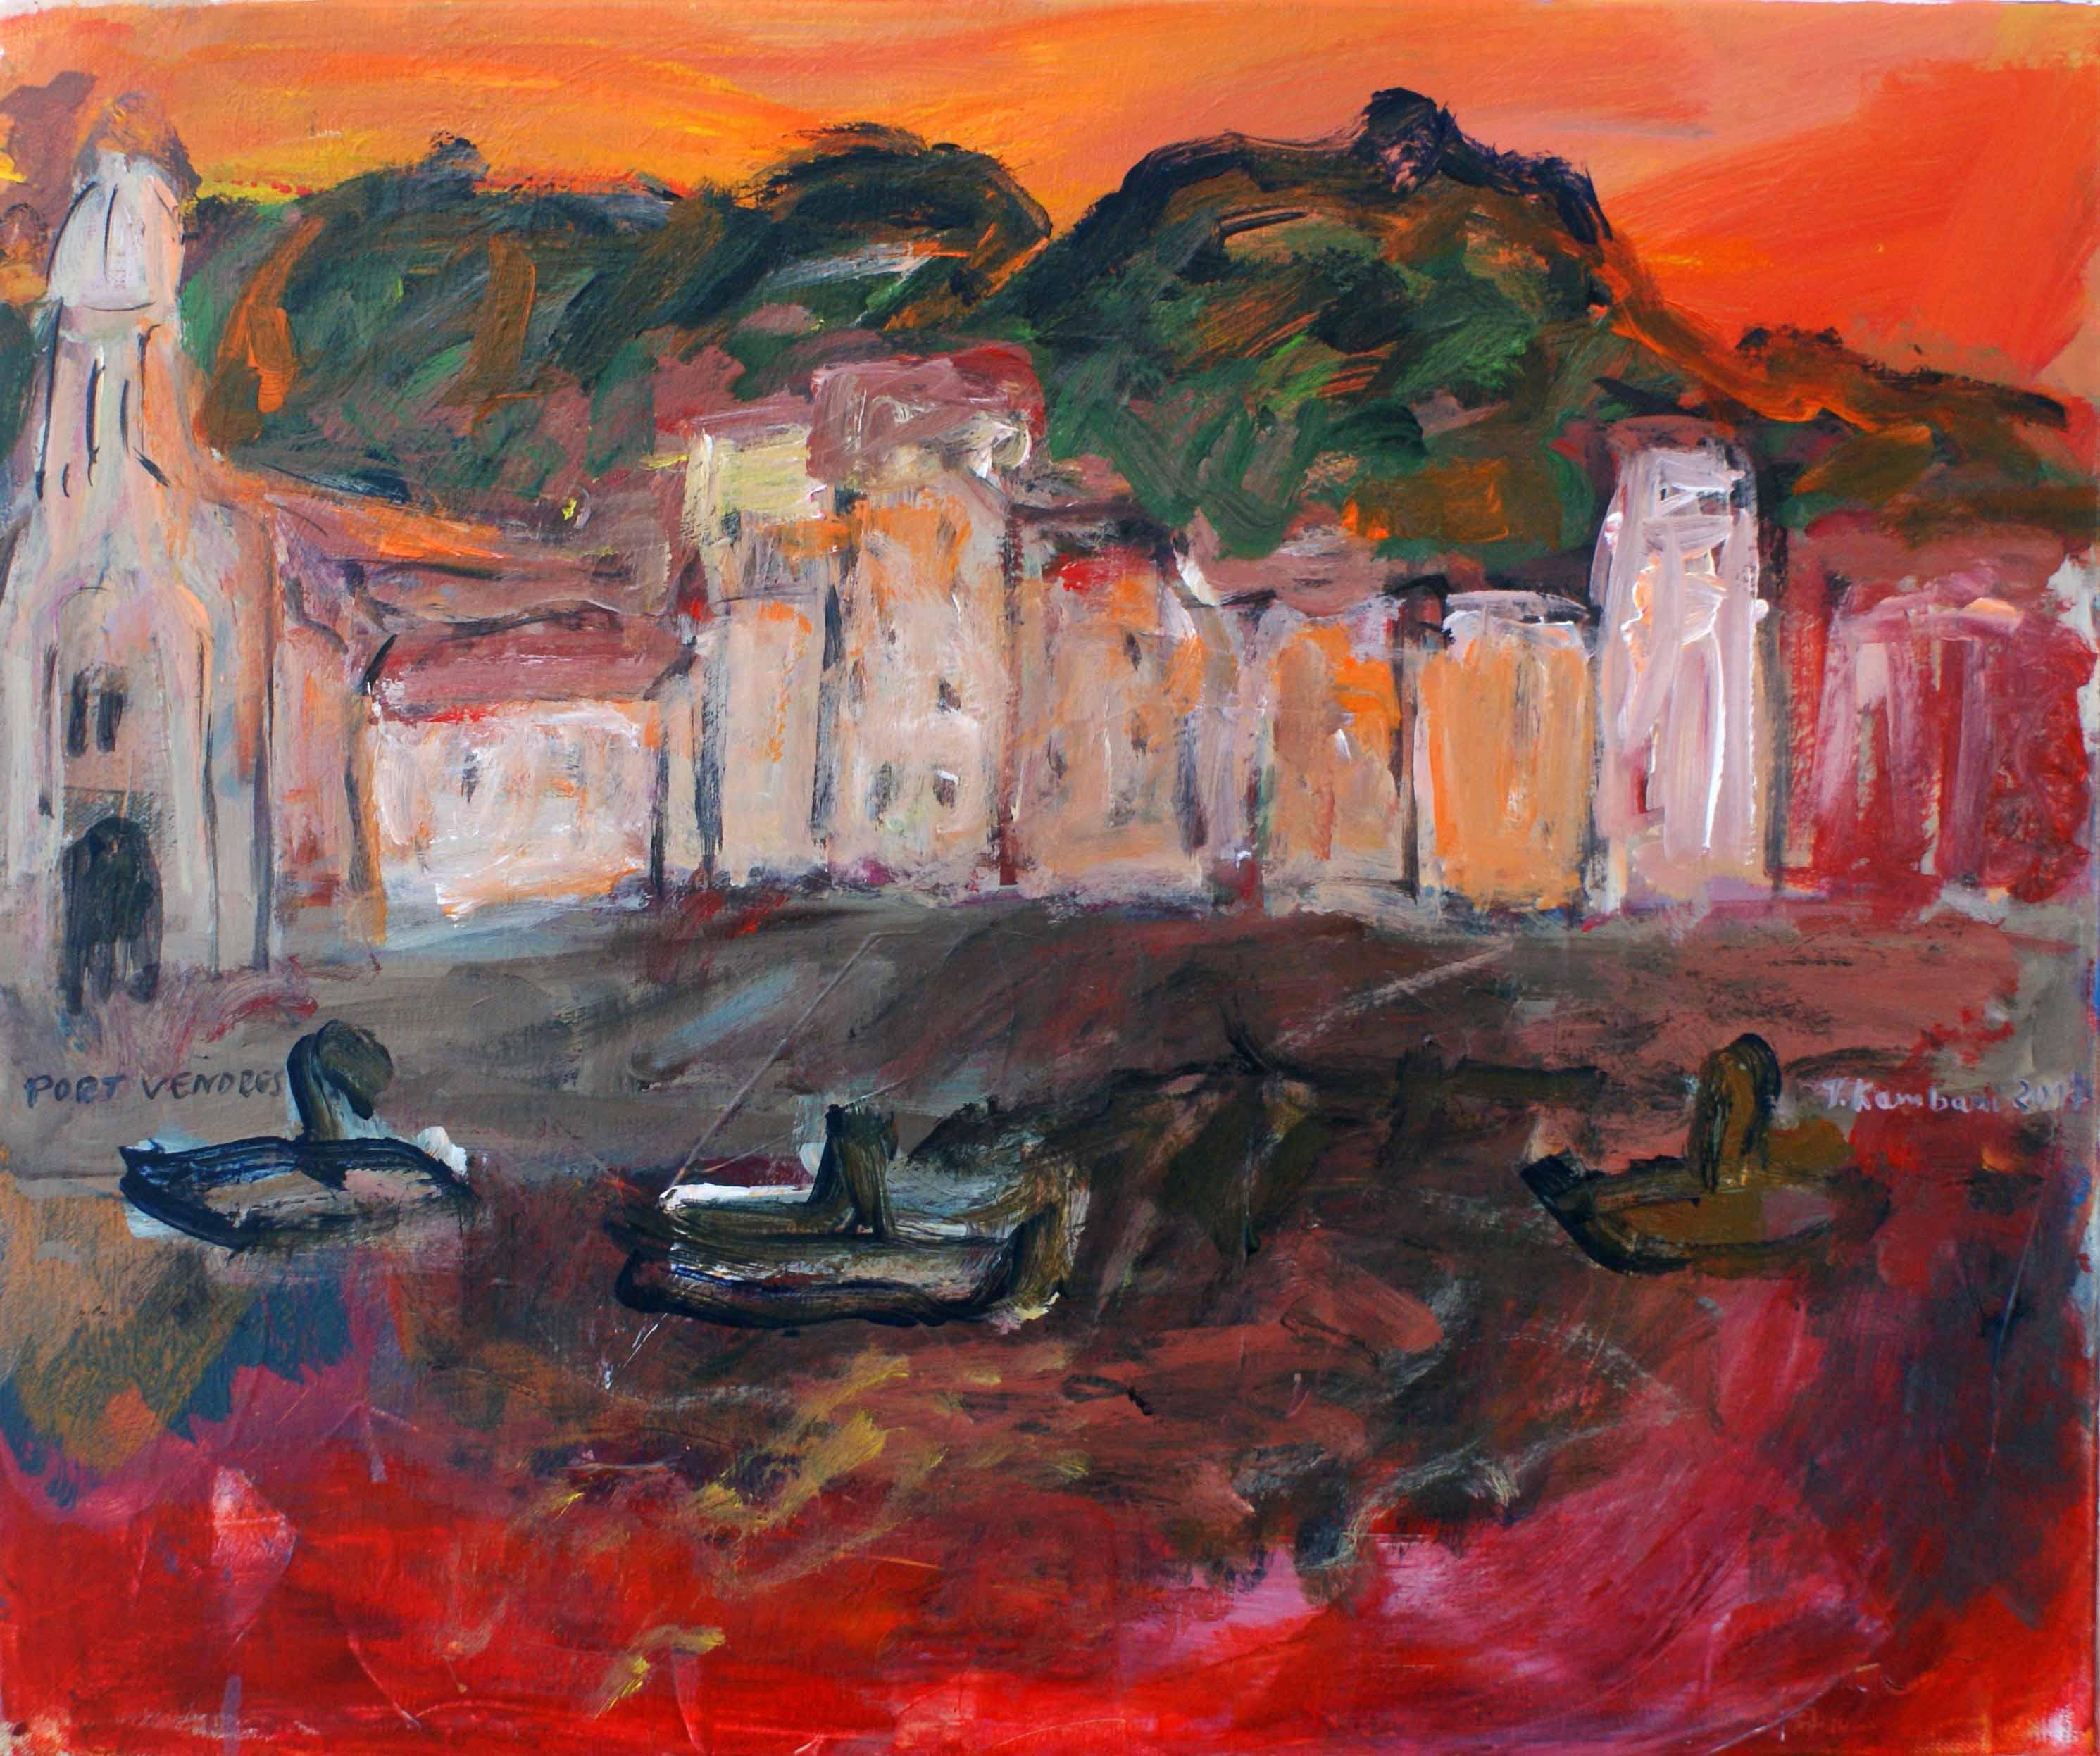 Port vendres petit rouge, 55x45cm, Acrylique, 2017 sm